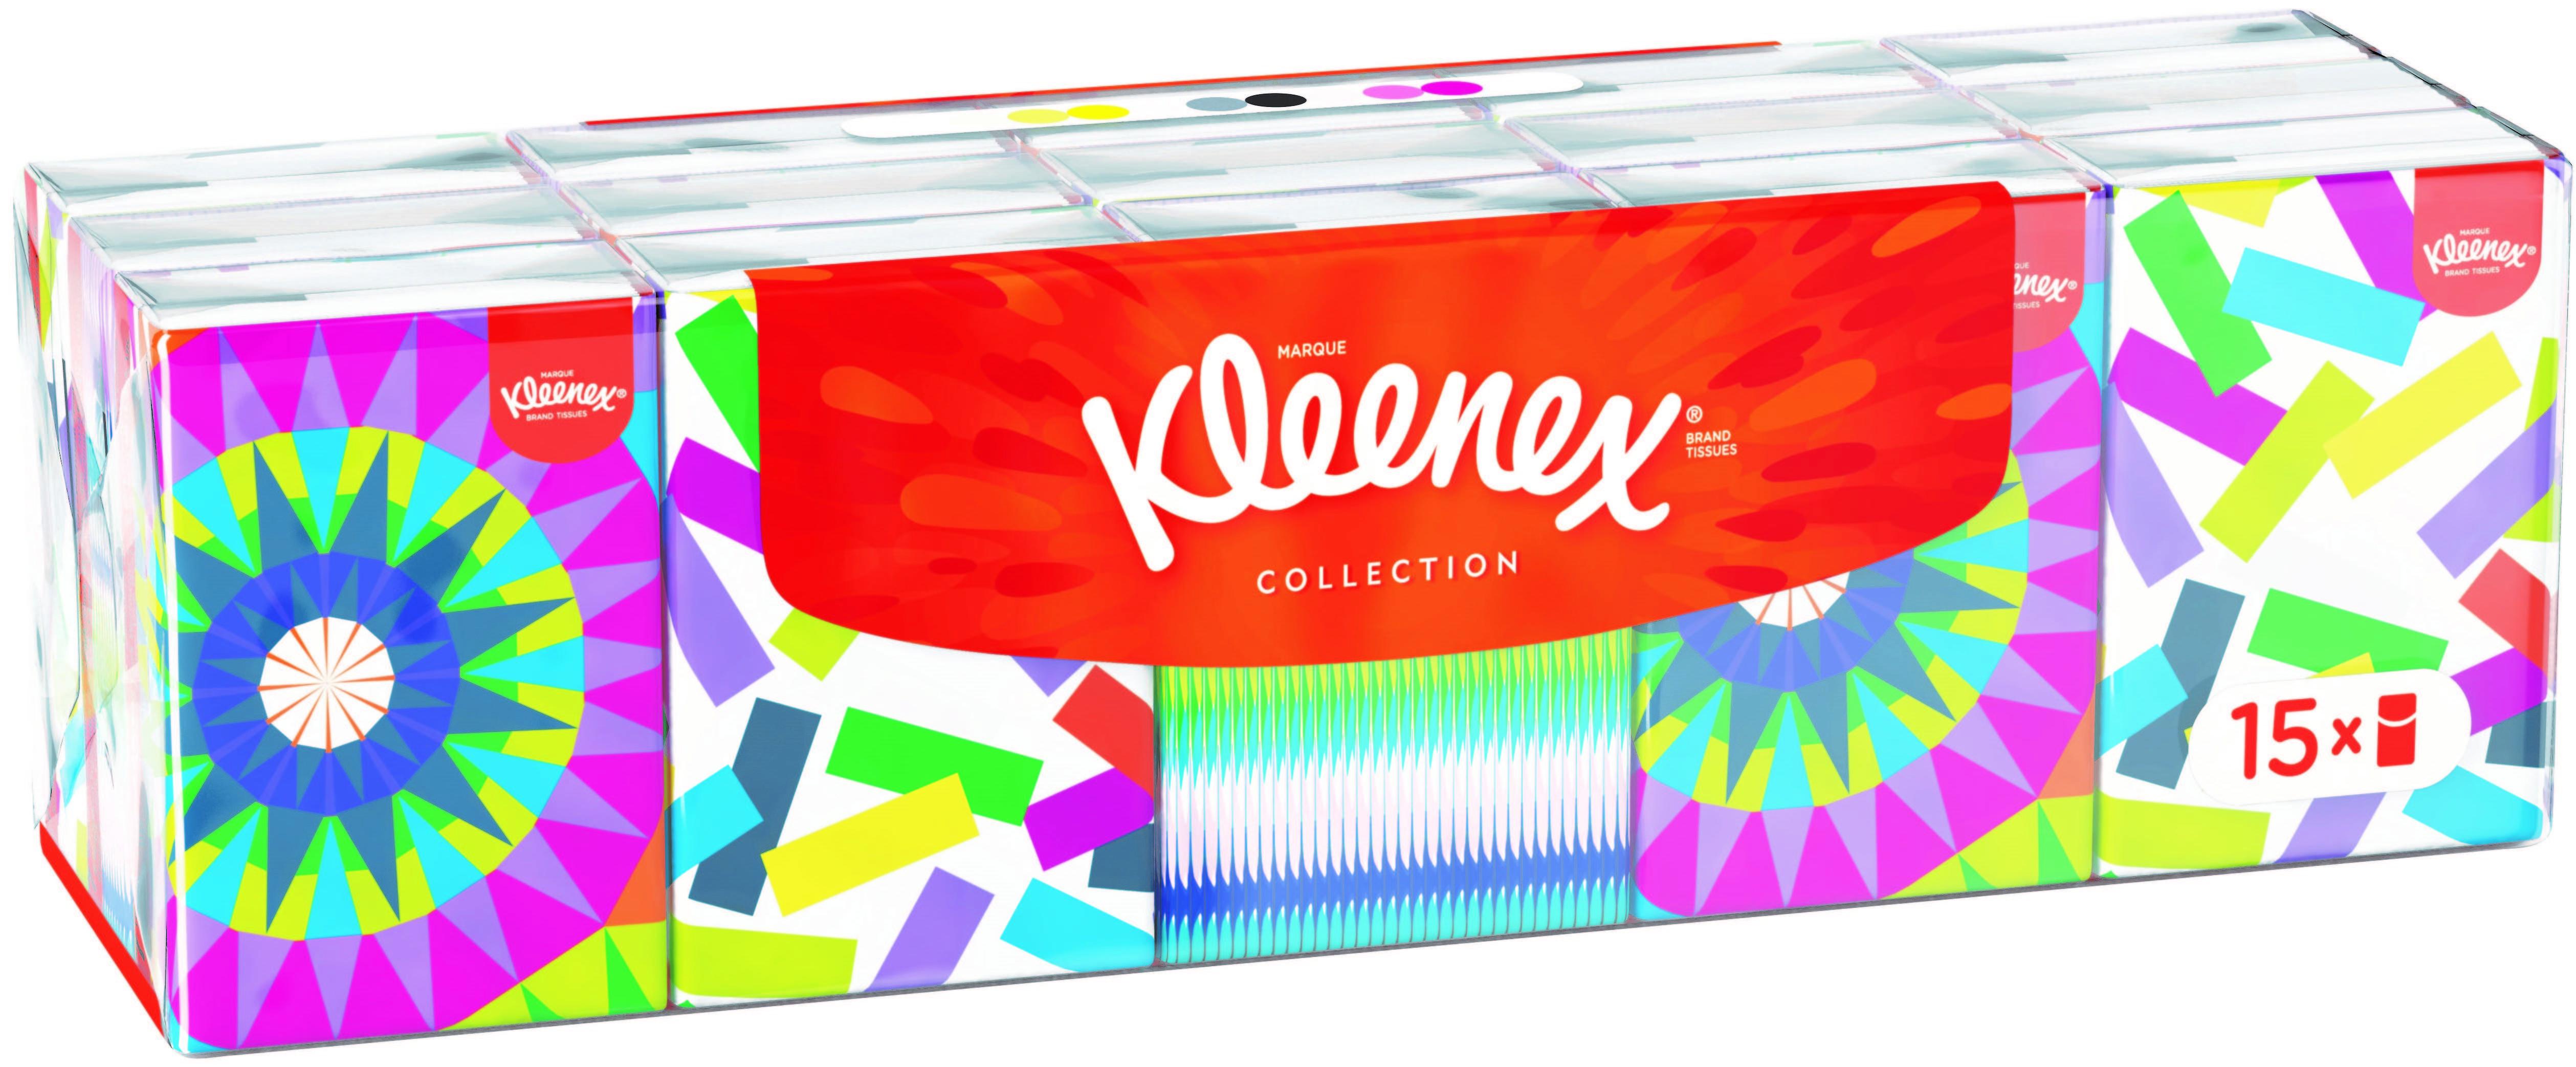 Χαρτομάντηλα τσέπης Collection Mini Kleenex (235 g/15 πακέτα)